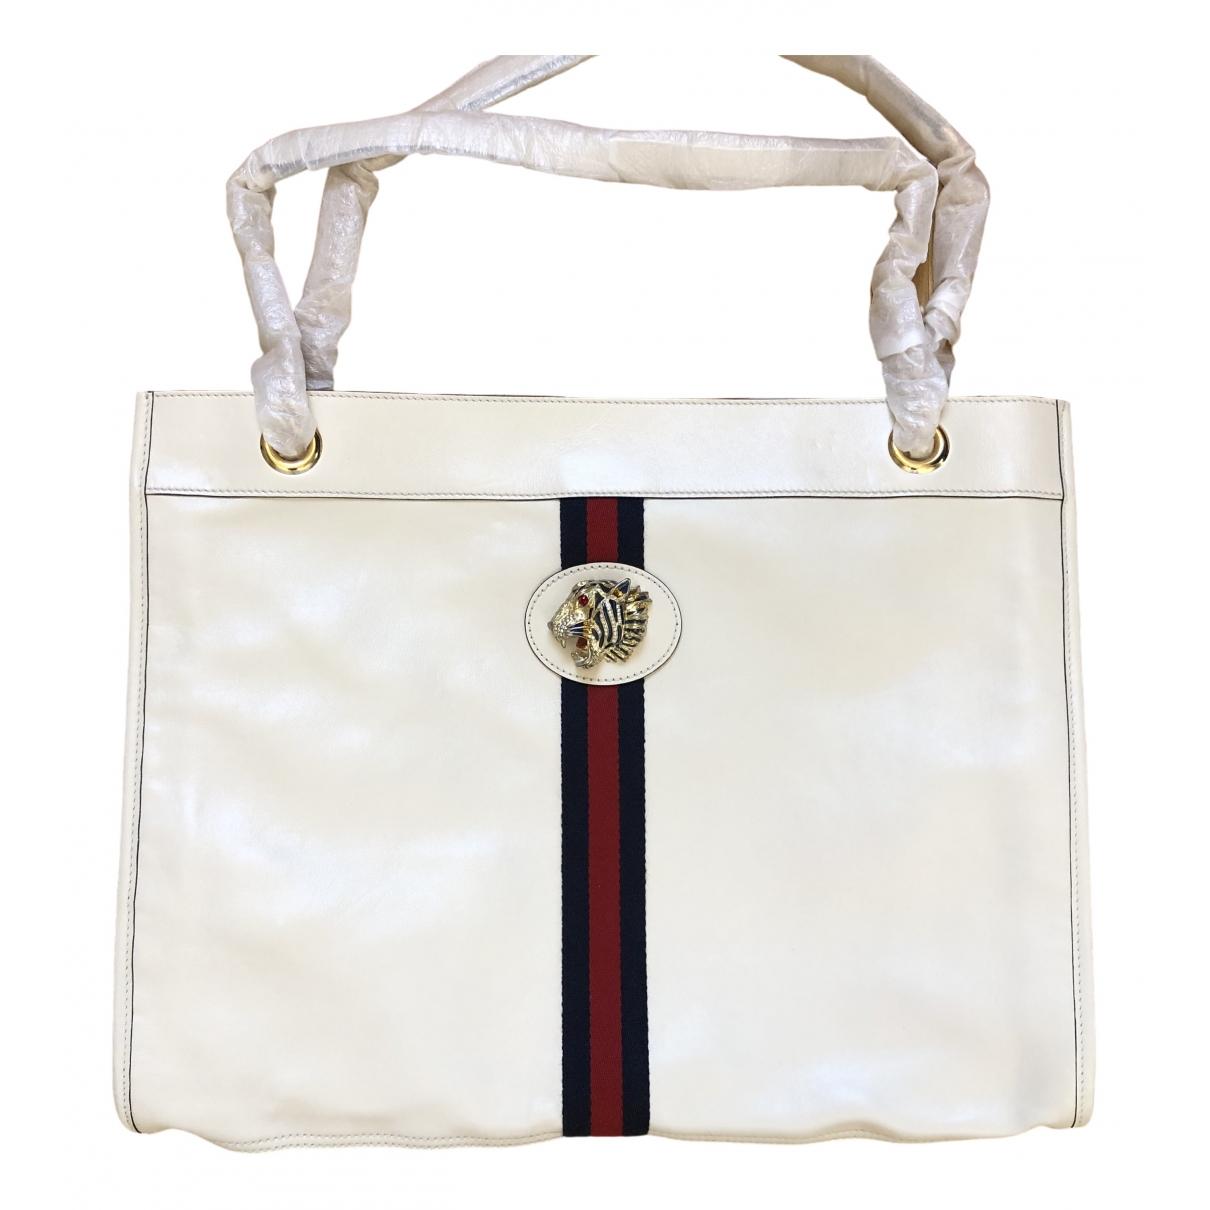 Gucci - Sac a main Rajah pour femme en cuir - blanc